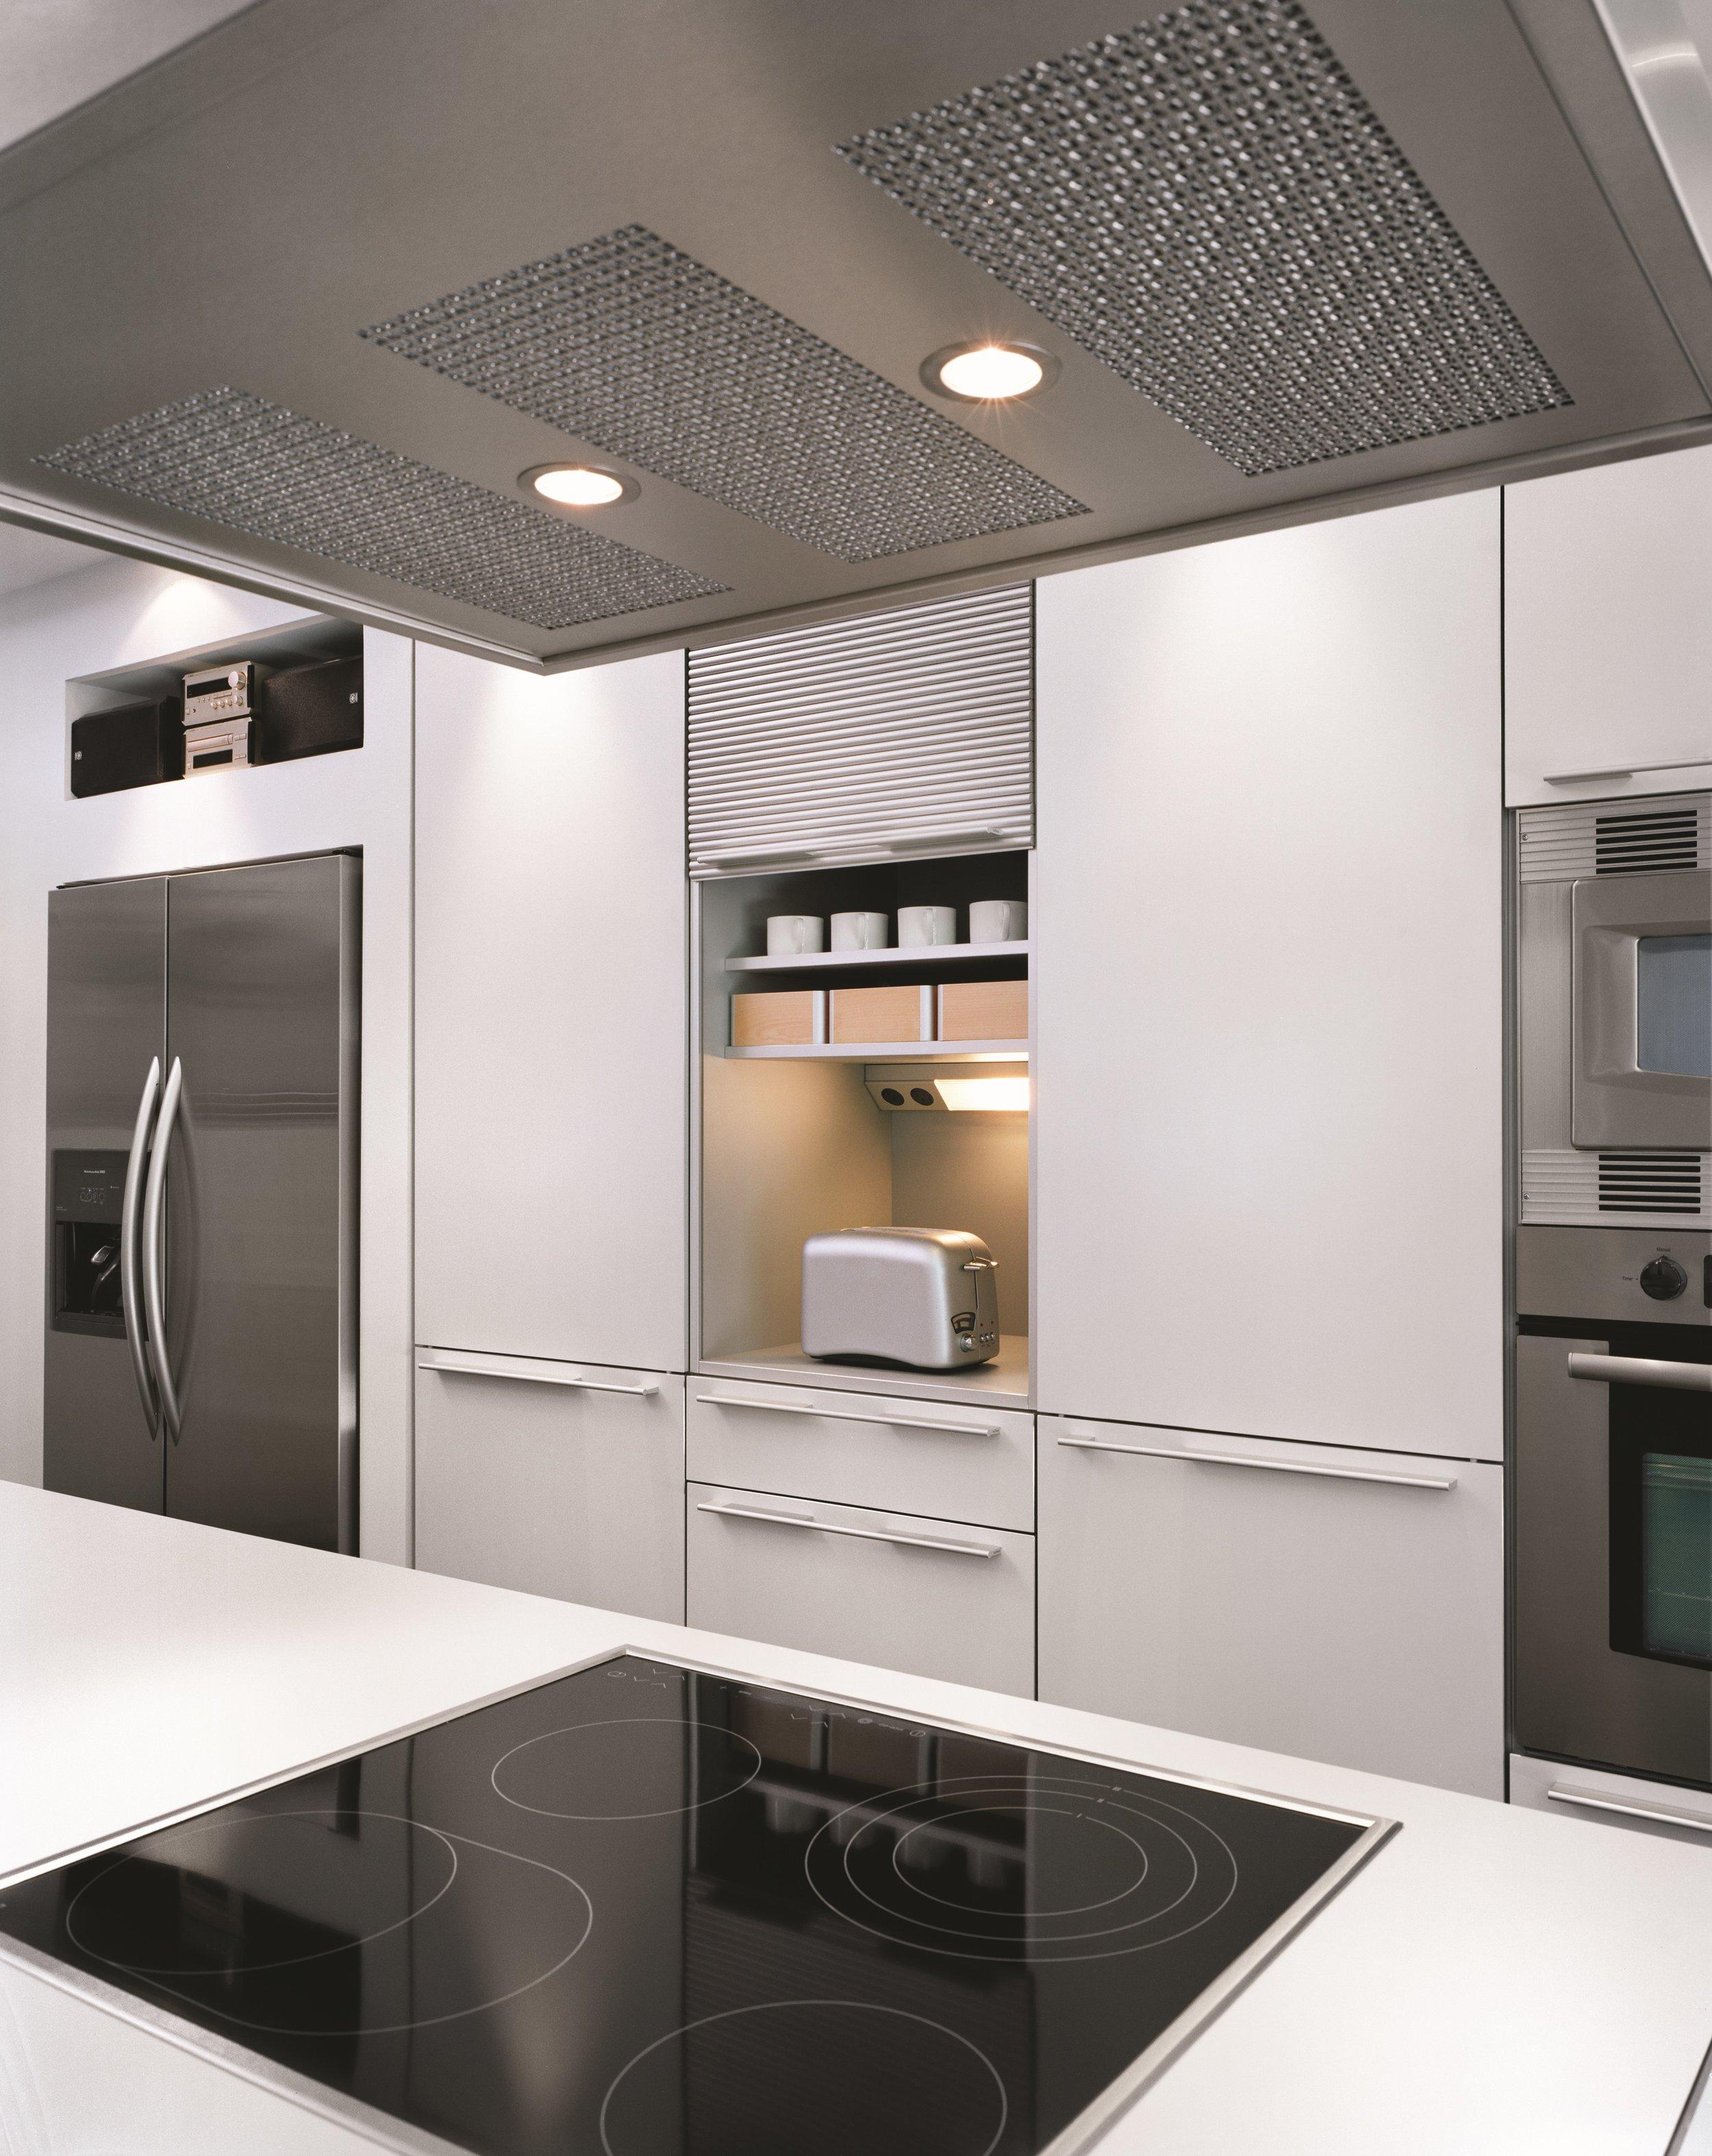 Galley House Interior Kitchen